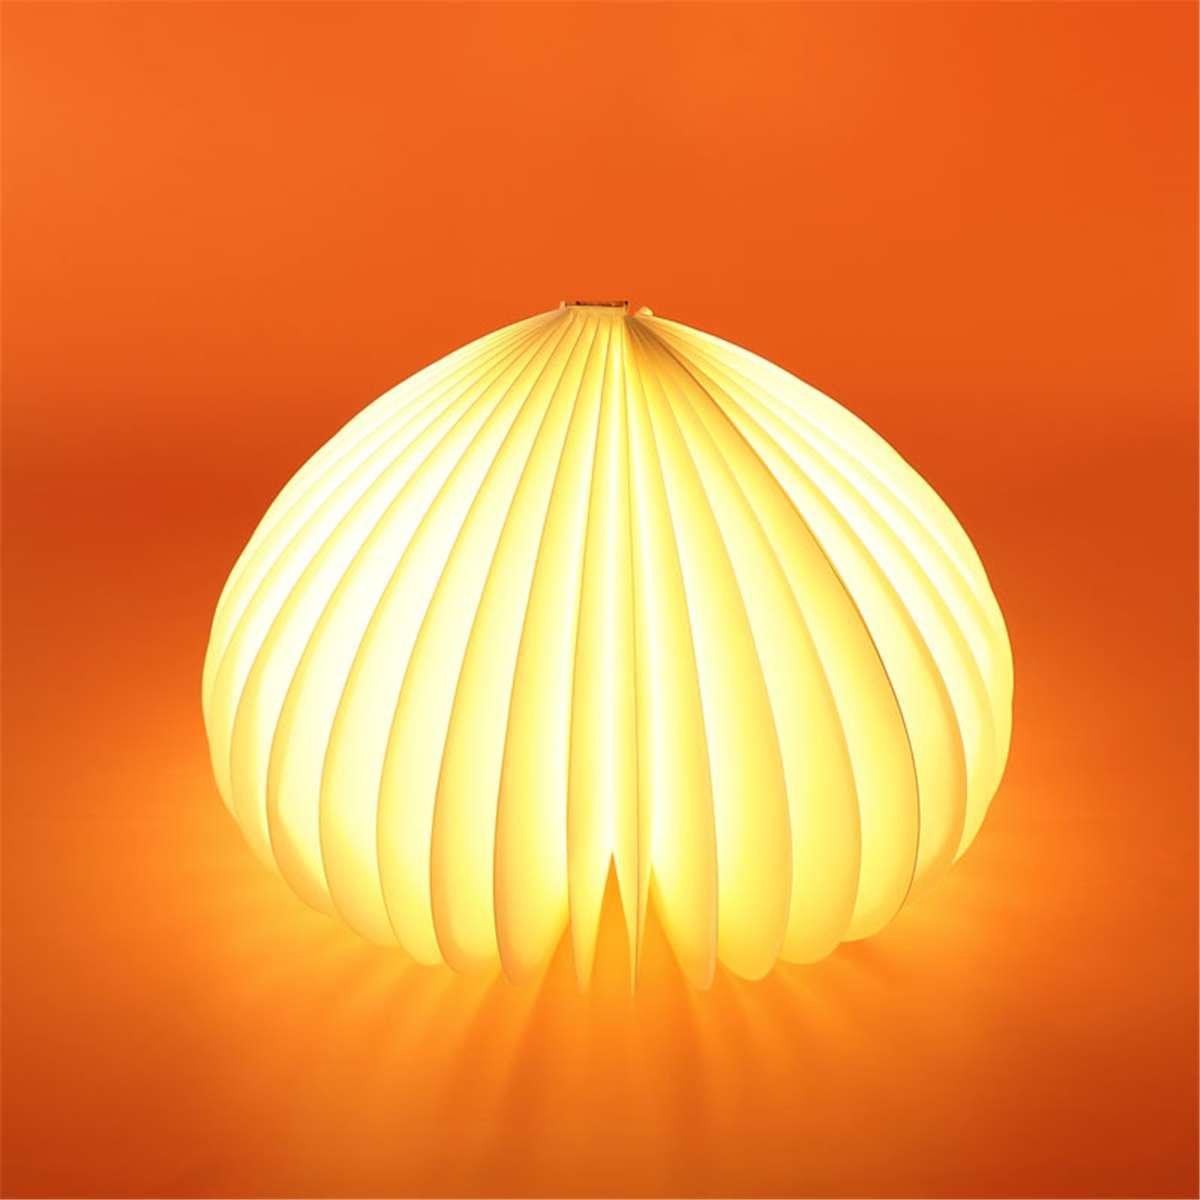 LED Usb Led Book Light Lamp Reading Light Rechargeable Mini Led Wooden Bedroom Night Light Holiday Birthday Gift Desk Decor